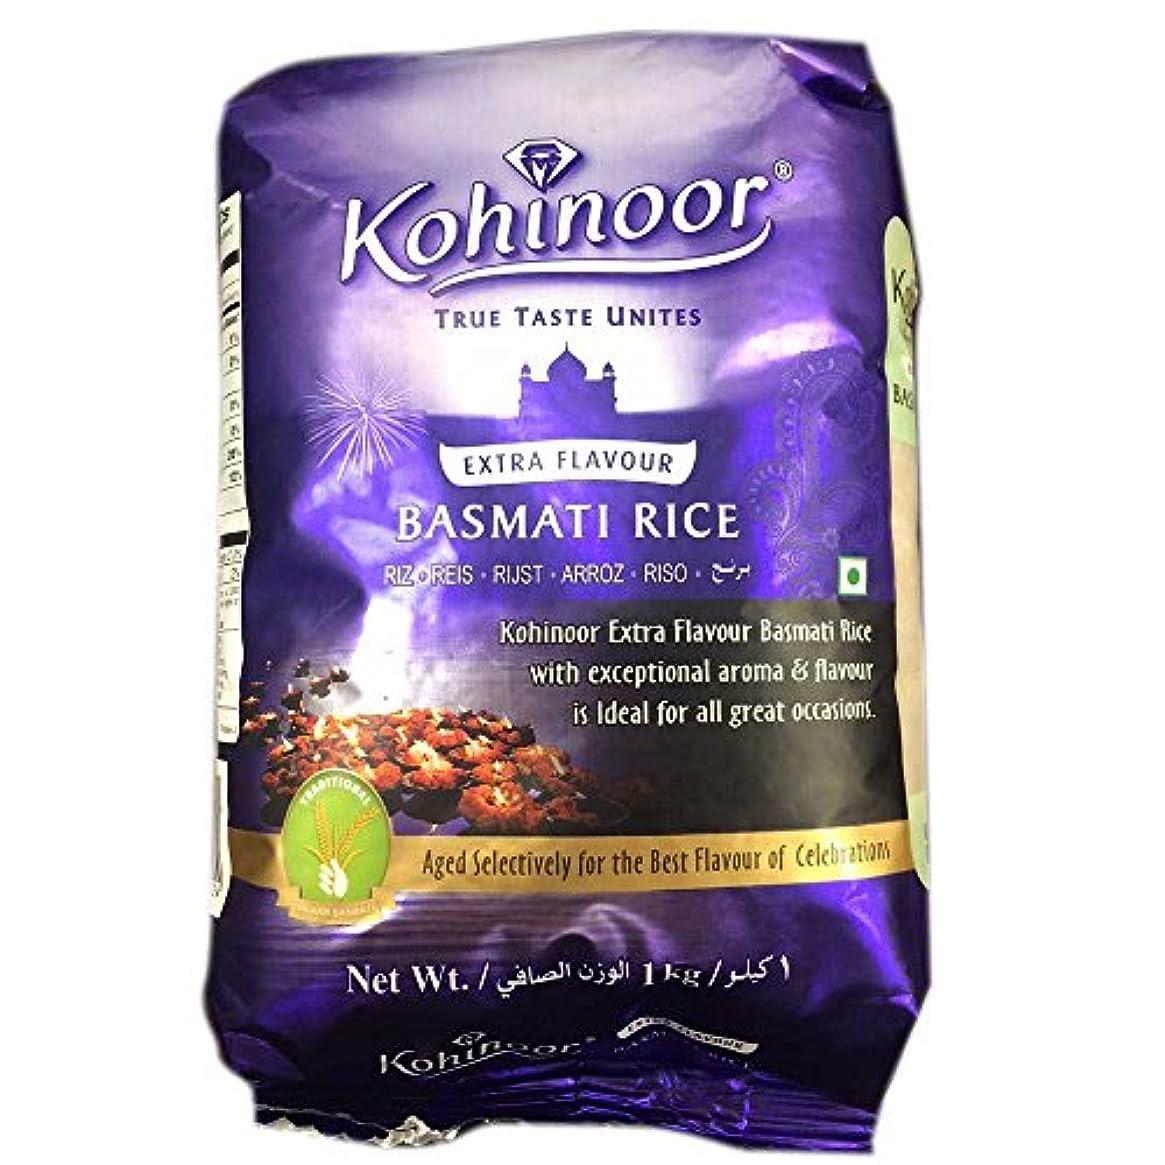 ソーダ水衝突コース幸運なバスマティライス インド産 Kohinoor 2kg 【1kg×2袋】 Basmati Rice プラチナム 長粒米 インディカ米 香り米 業務用